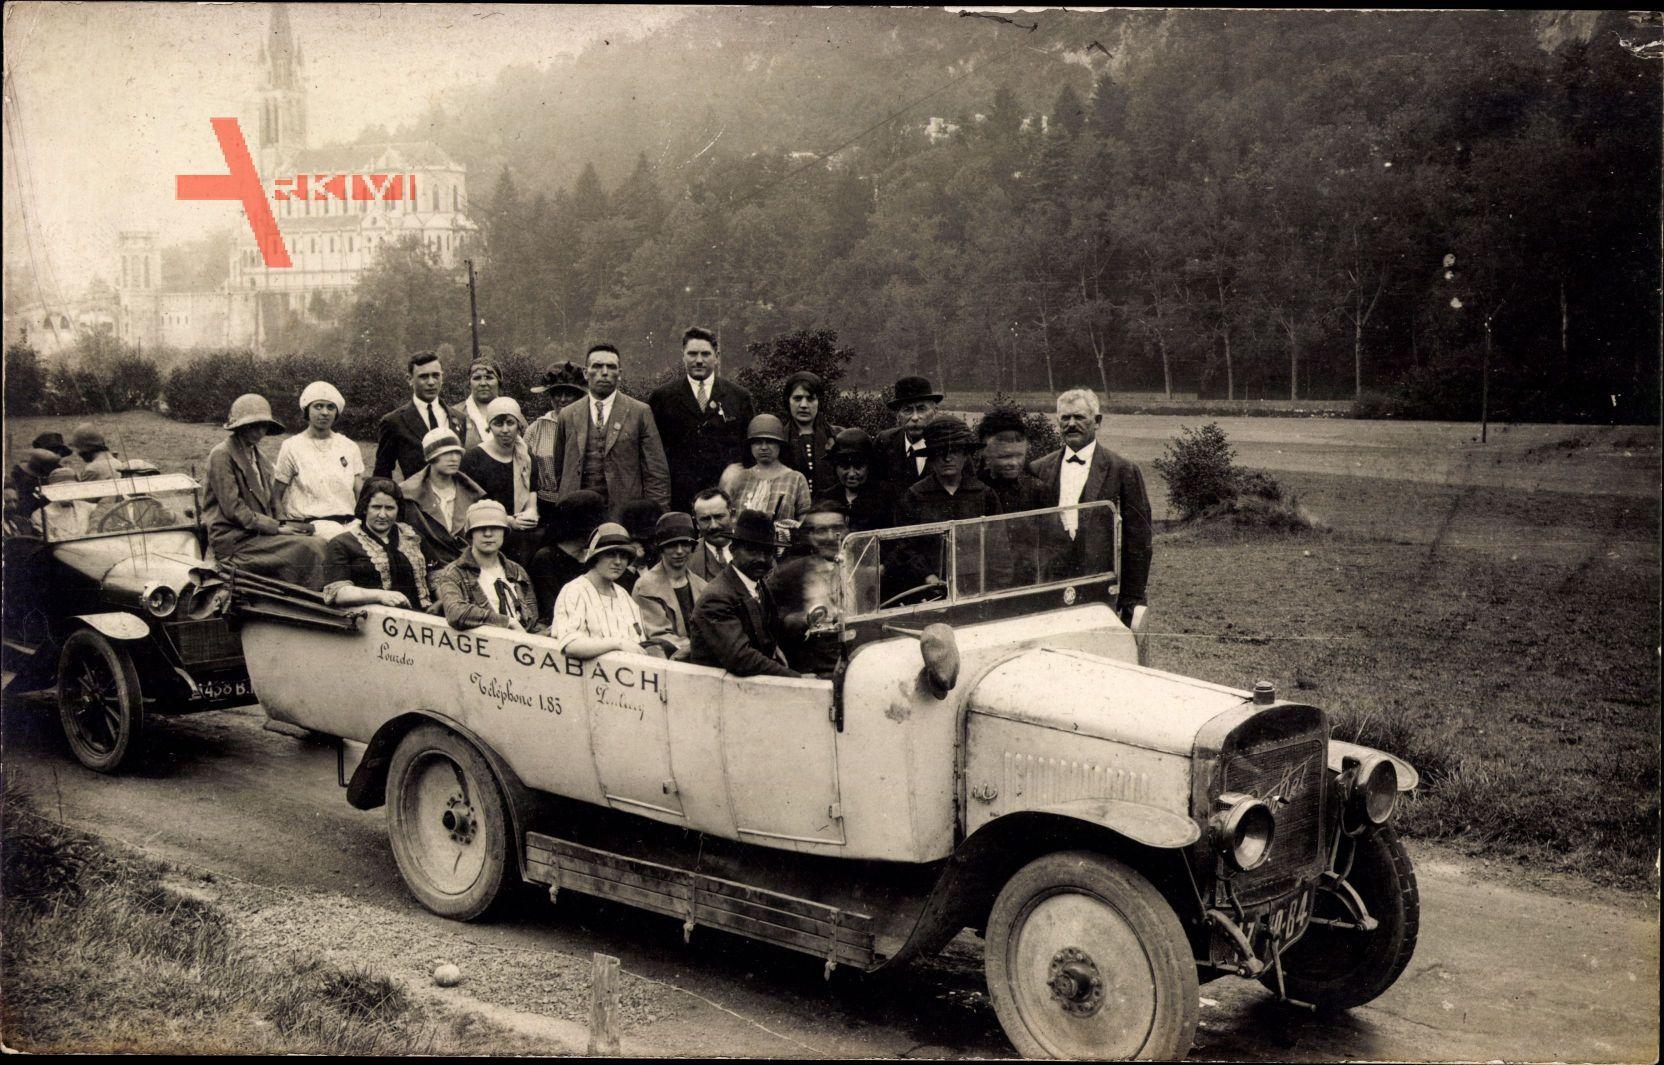 Frankreich, Reisebus, Pilgerfahrt, Gruppenfoto, Garage Gabach, Lourdes